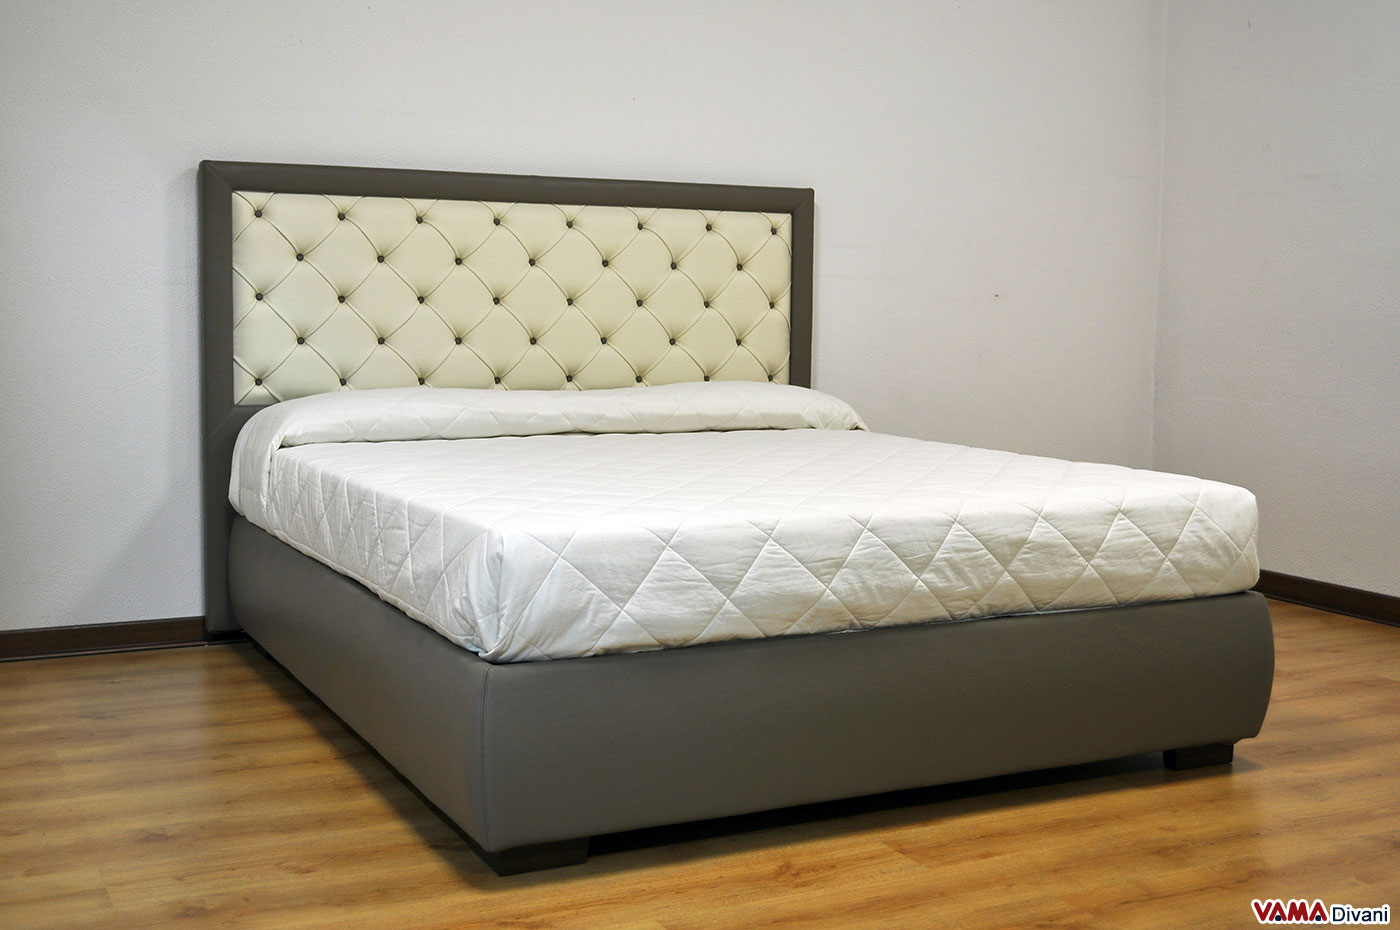 Testata Letto Contenitore Ikea : Testiera ikea. awesome blz hp letto testiera trapuntata fenix letto